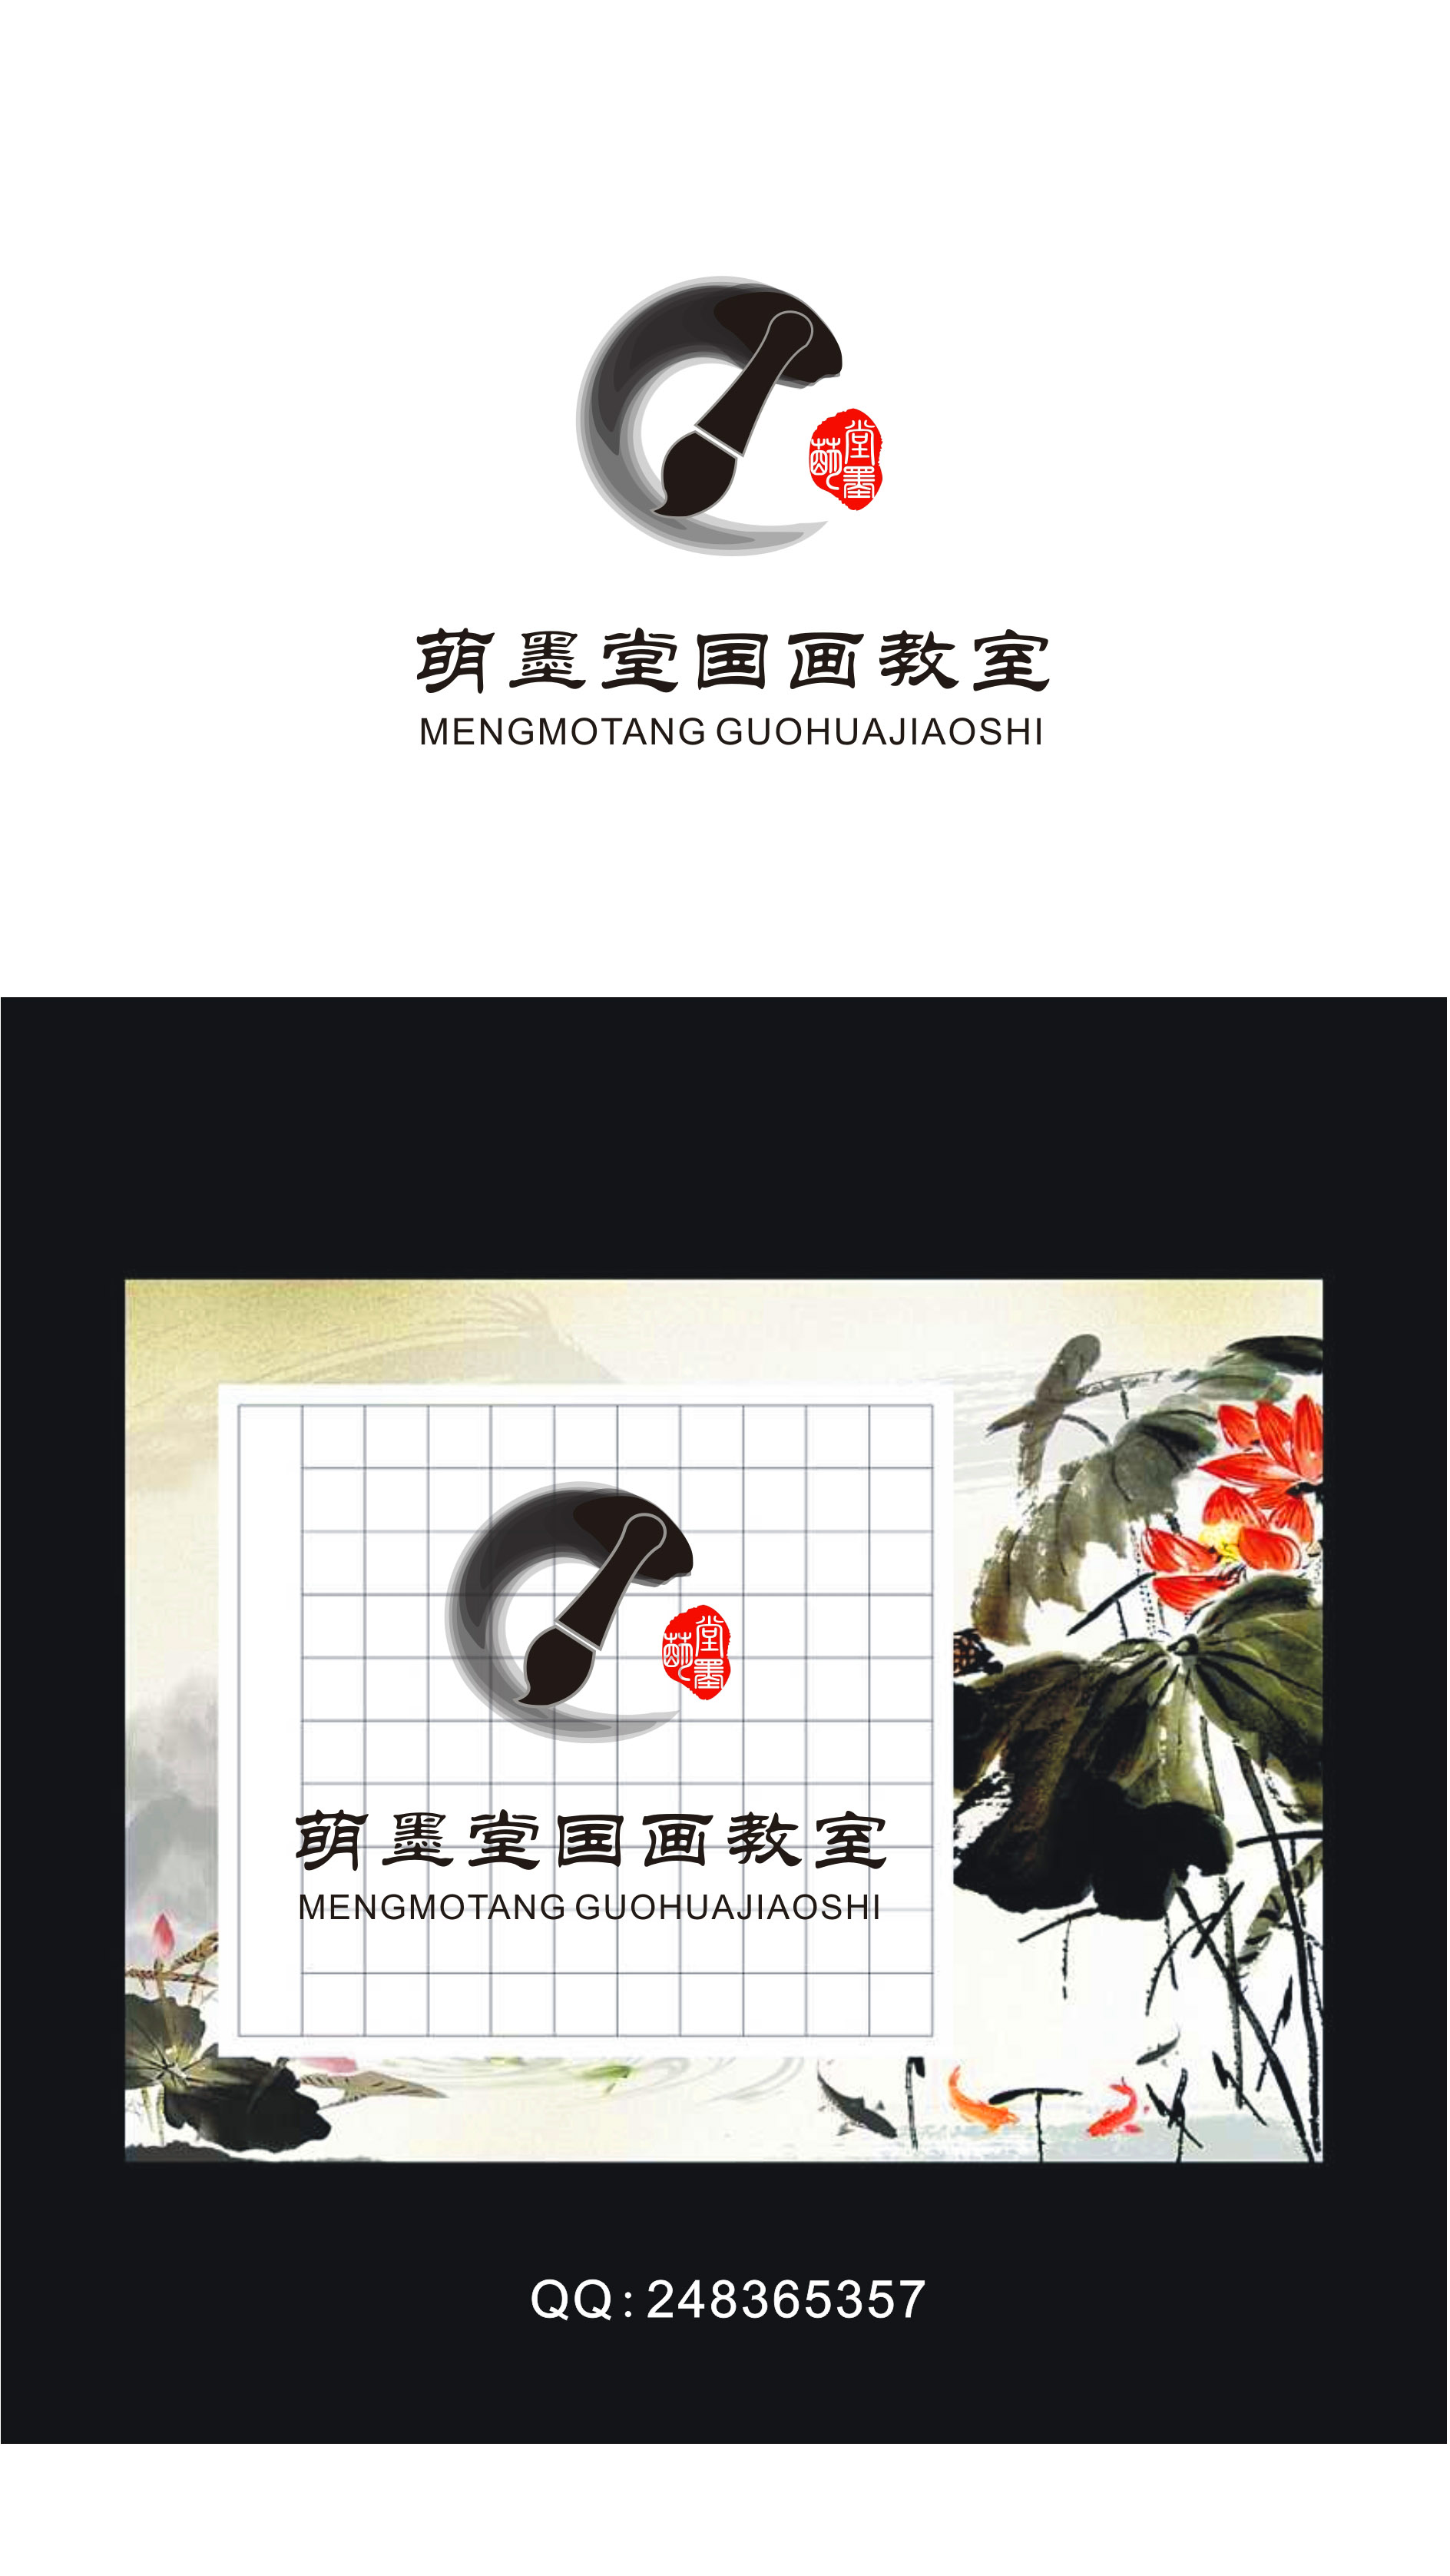 萌墨堂国画教室征集标志_3021688_k68威客网